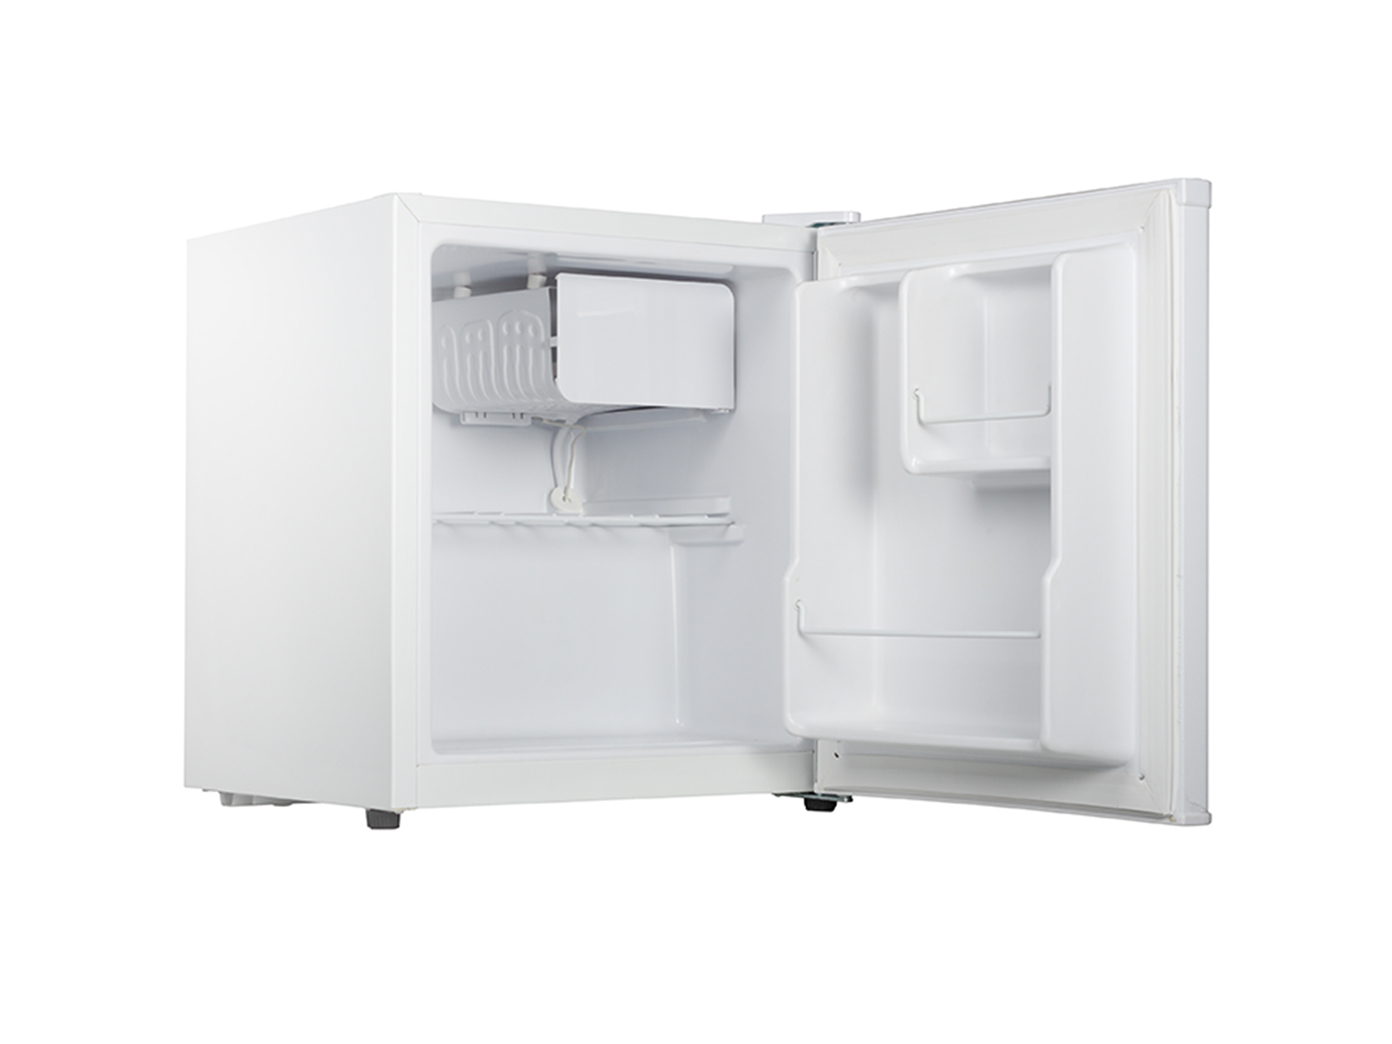 Mini Kühlschrank Camping : Kleiner mini kühlschrank freistehend l mit l gefrierfach